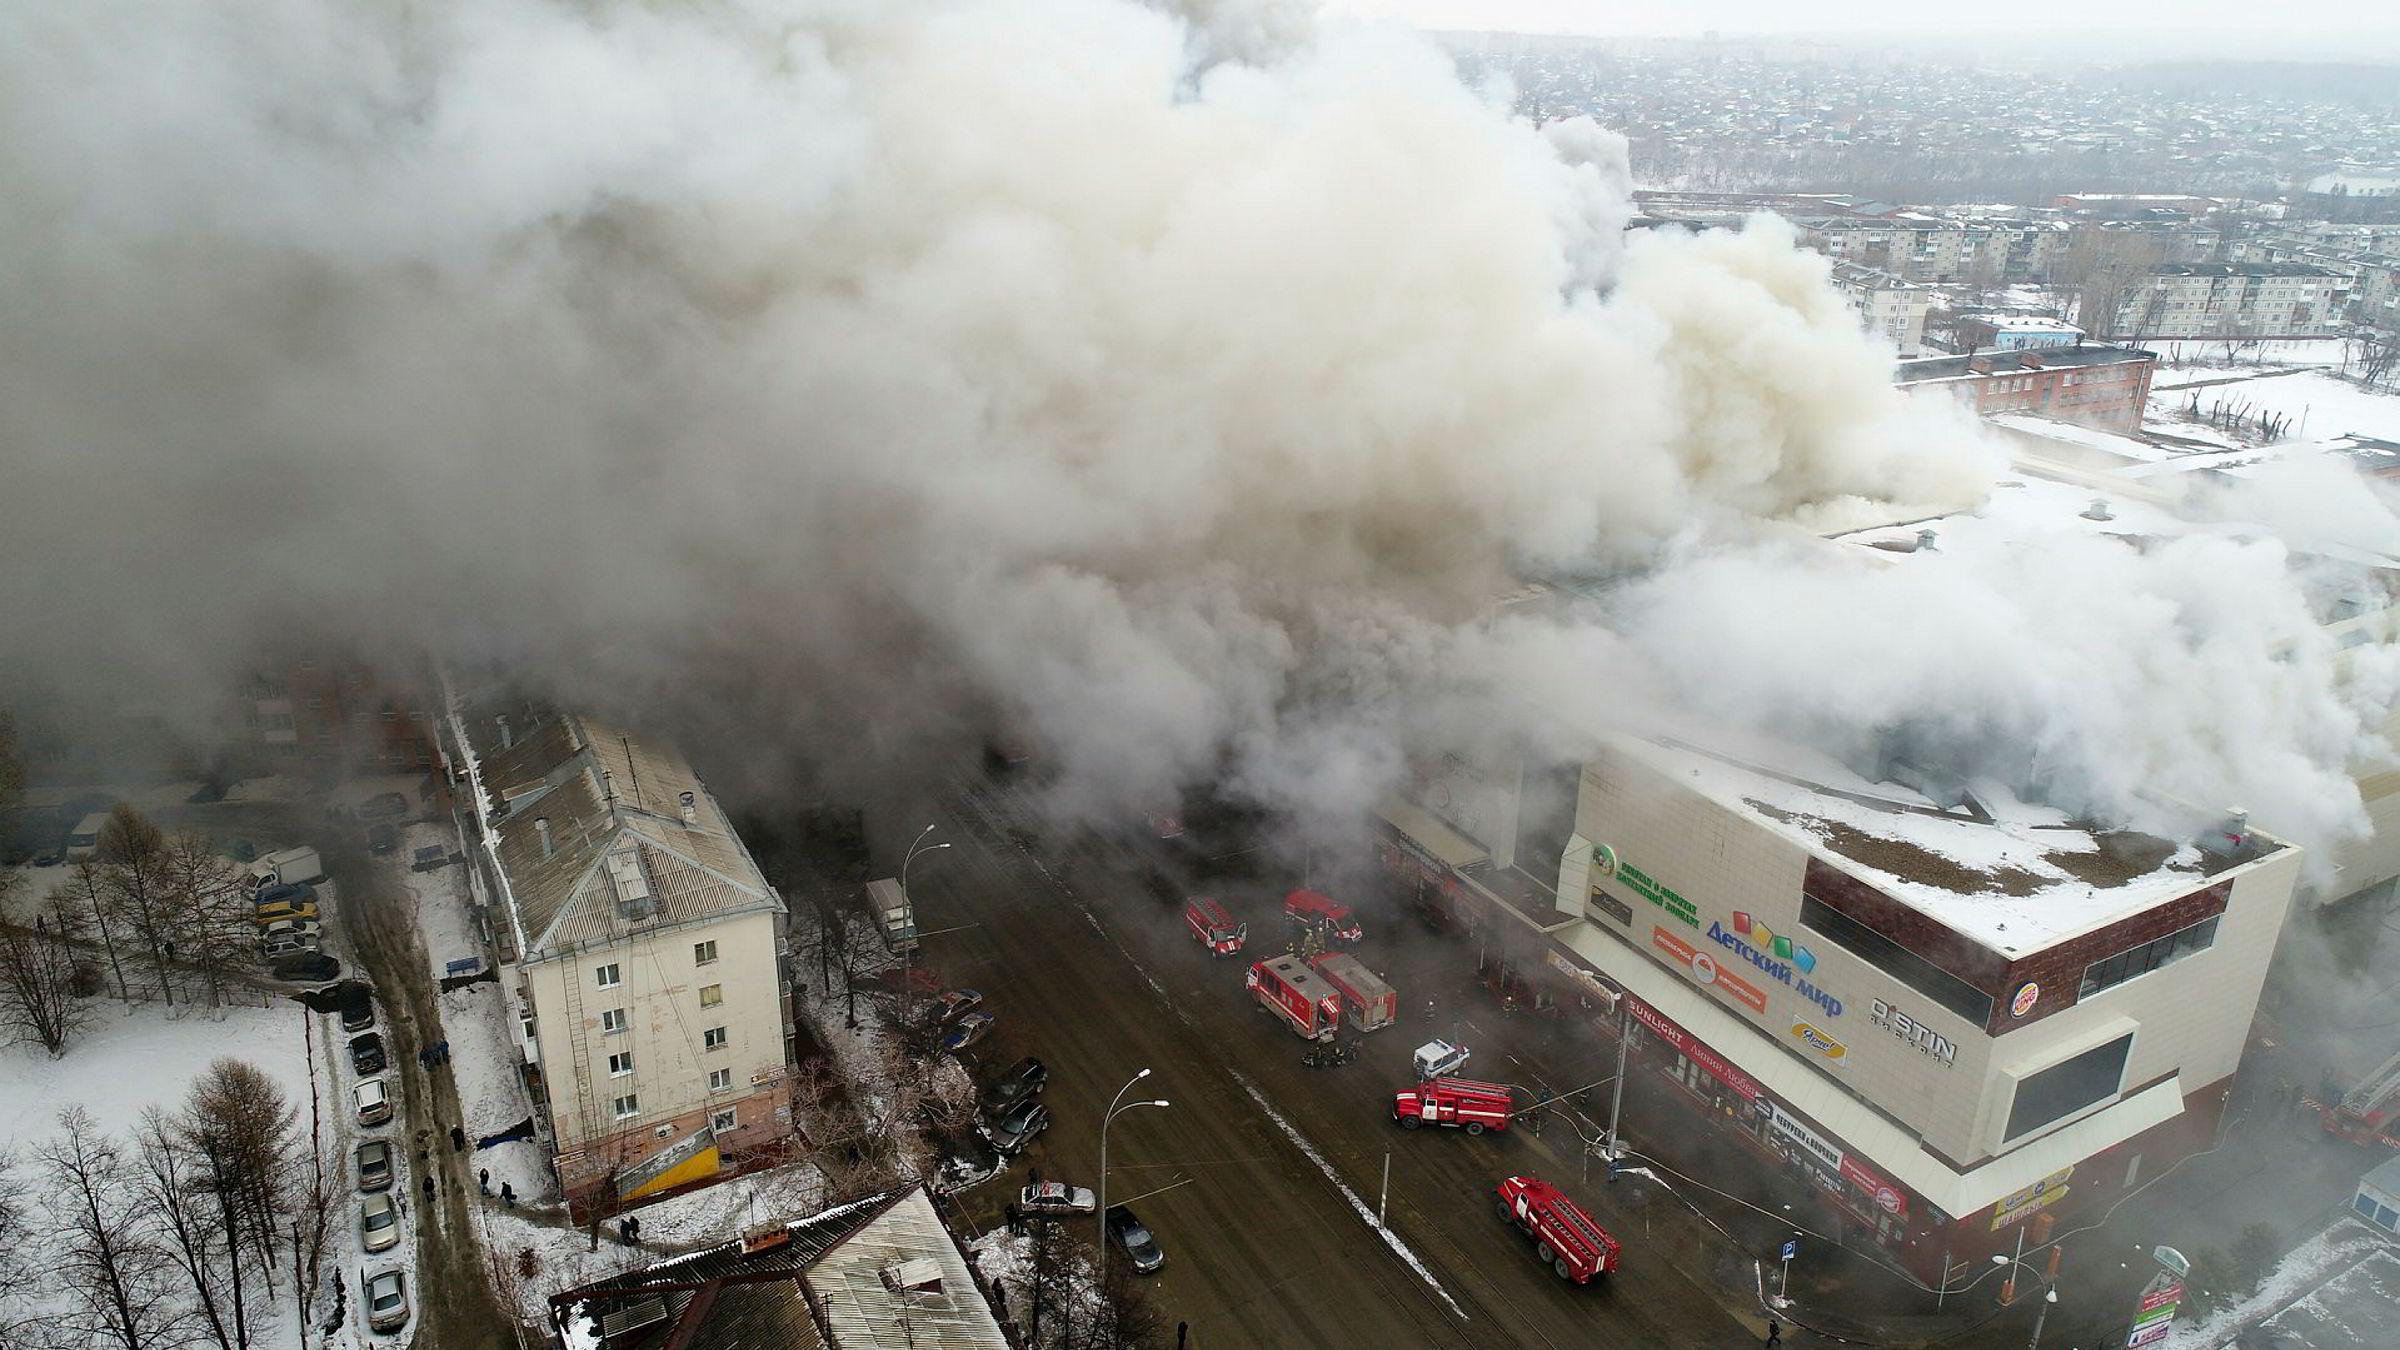 Mange har omkommet og mange er savnet i brannen i kjøpesenteret i byen Kemerovo i Sibir.